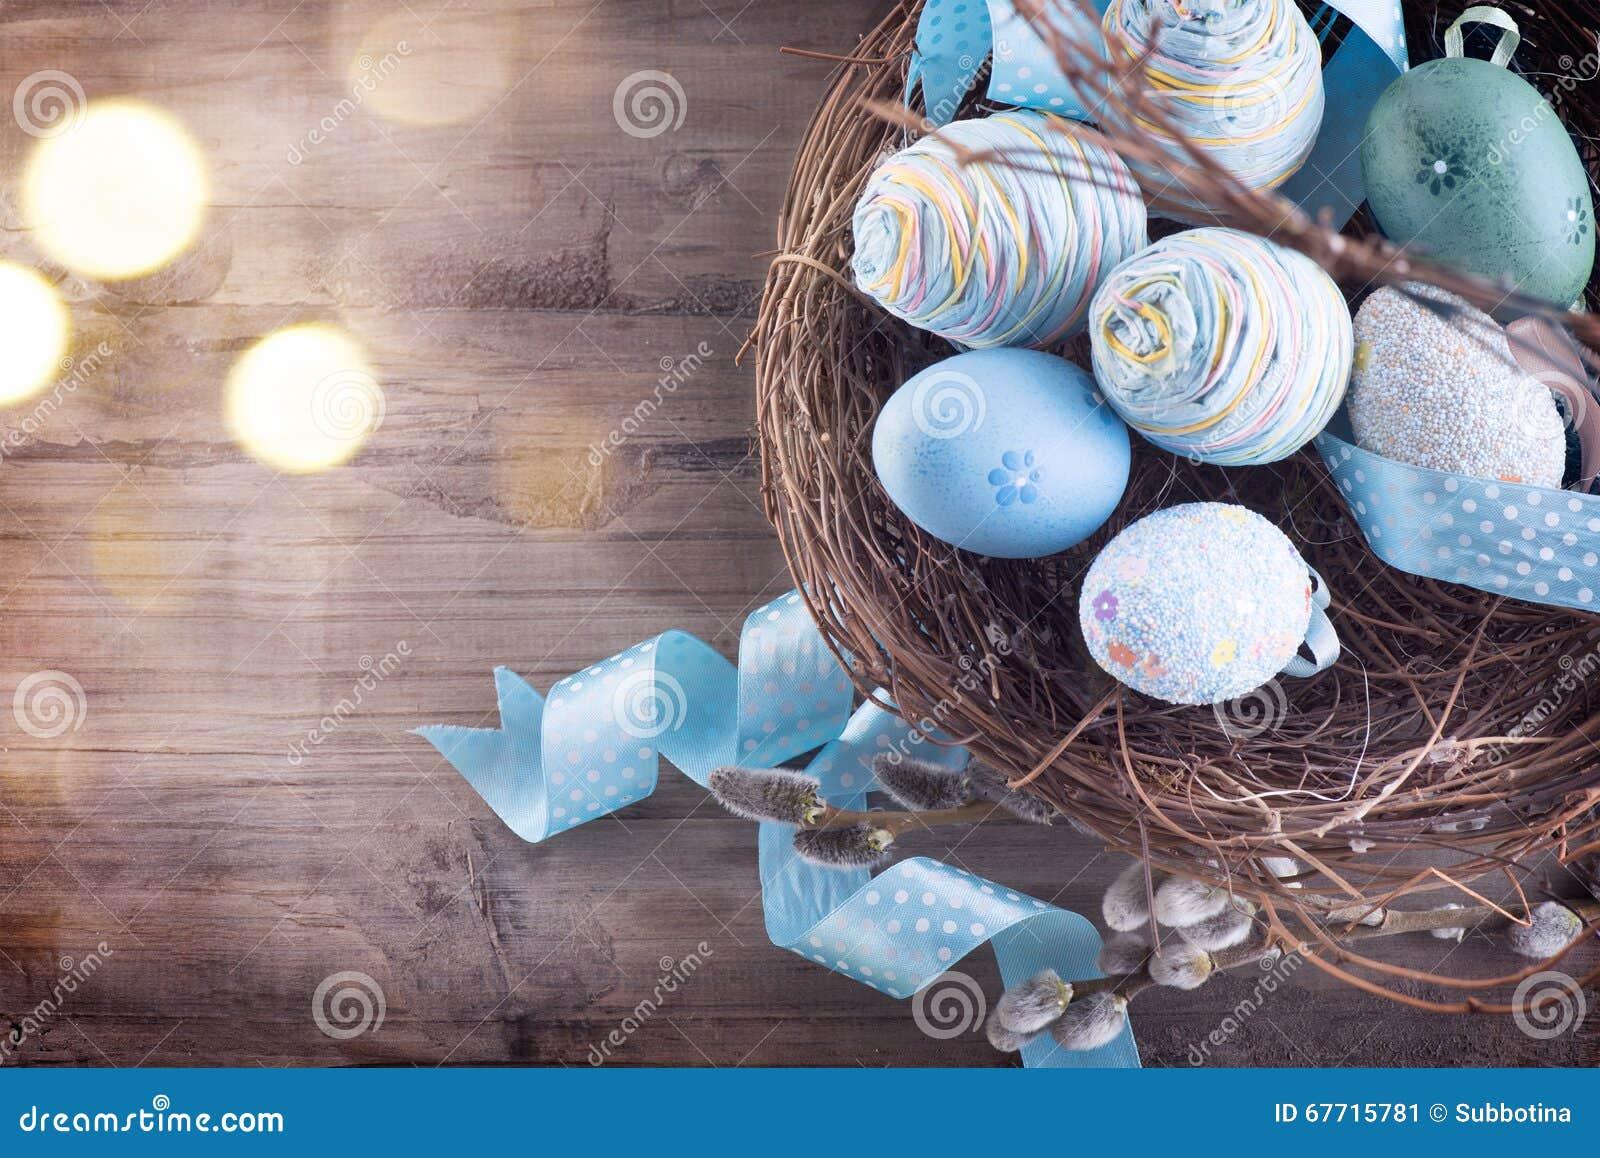 Ostern Bunte Blaue Eier Im Nest Stockbild Bild Von Gruß Schönheit